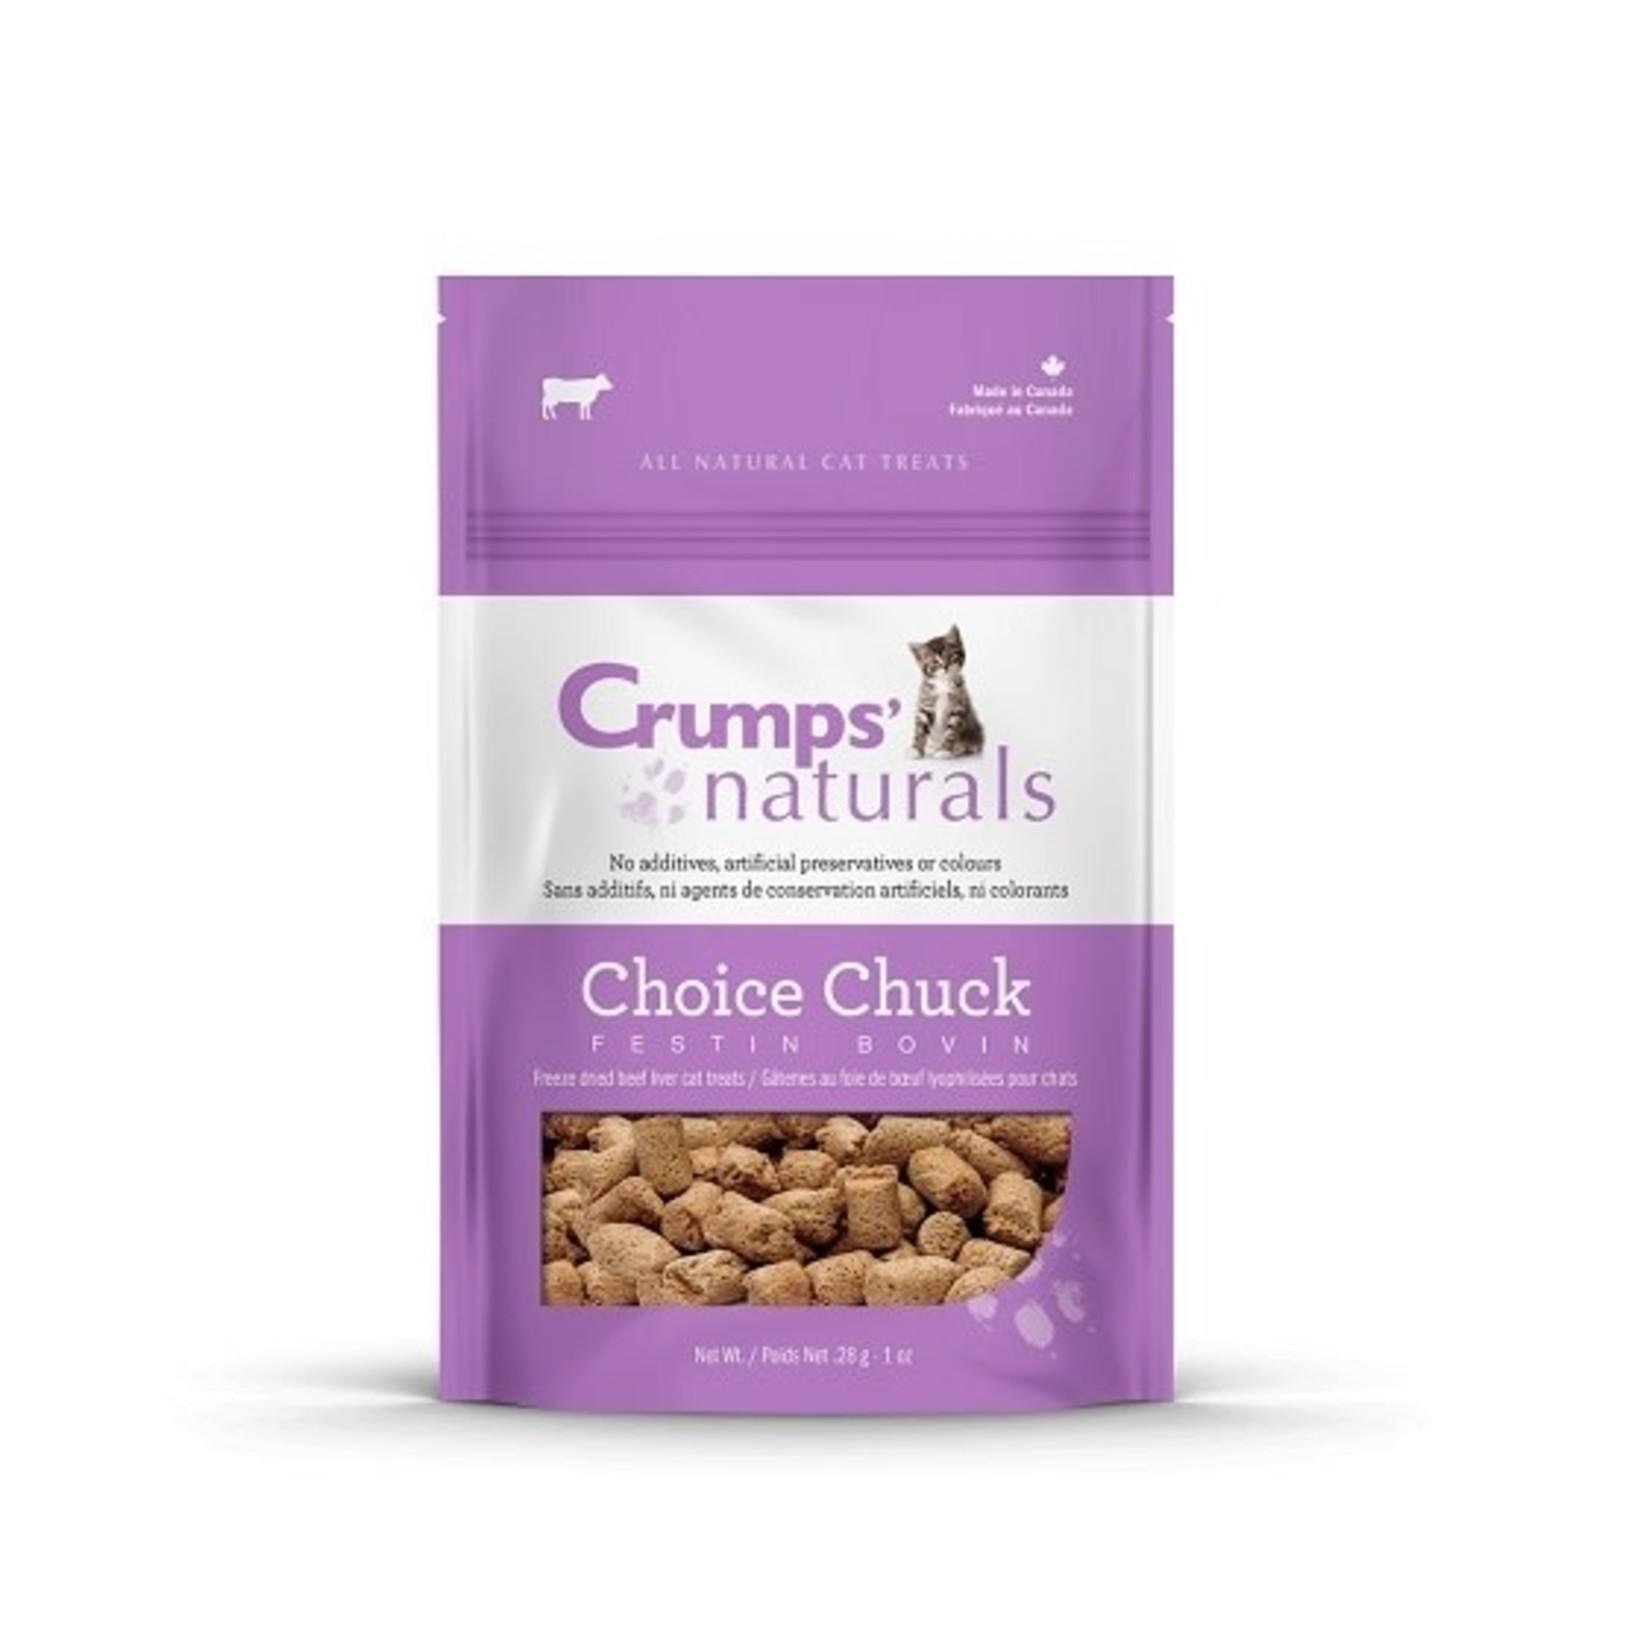 Crumps' Naturals Crumps' Naturals Cat Treat freeze dried 28 g